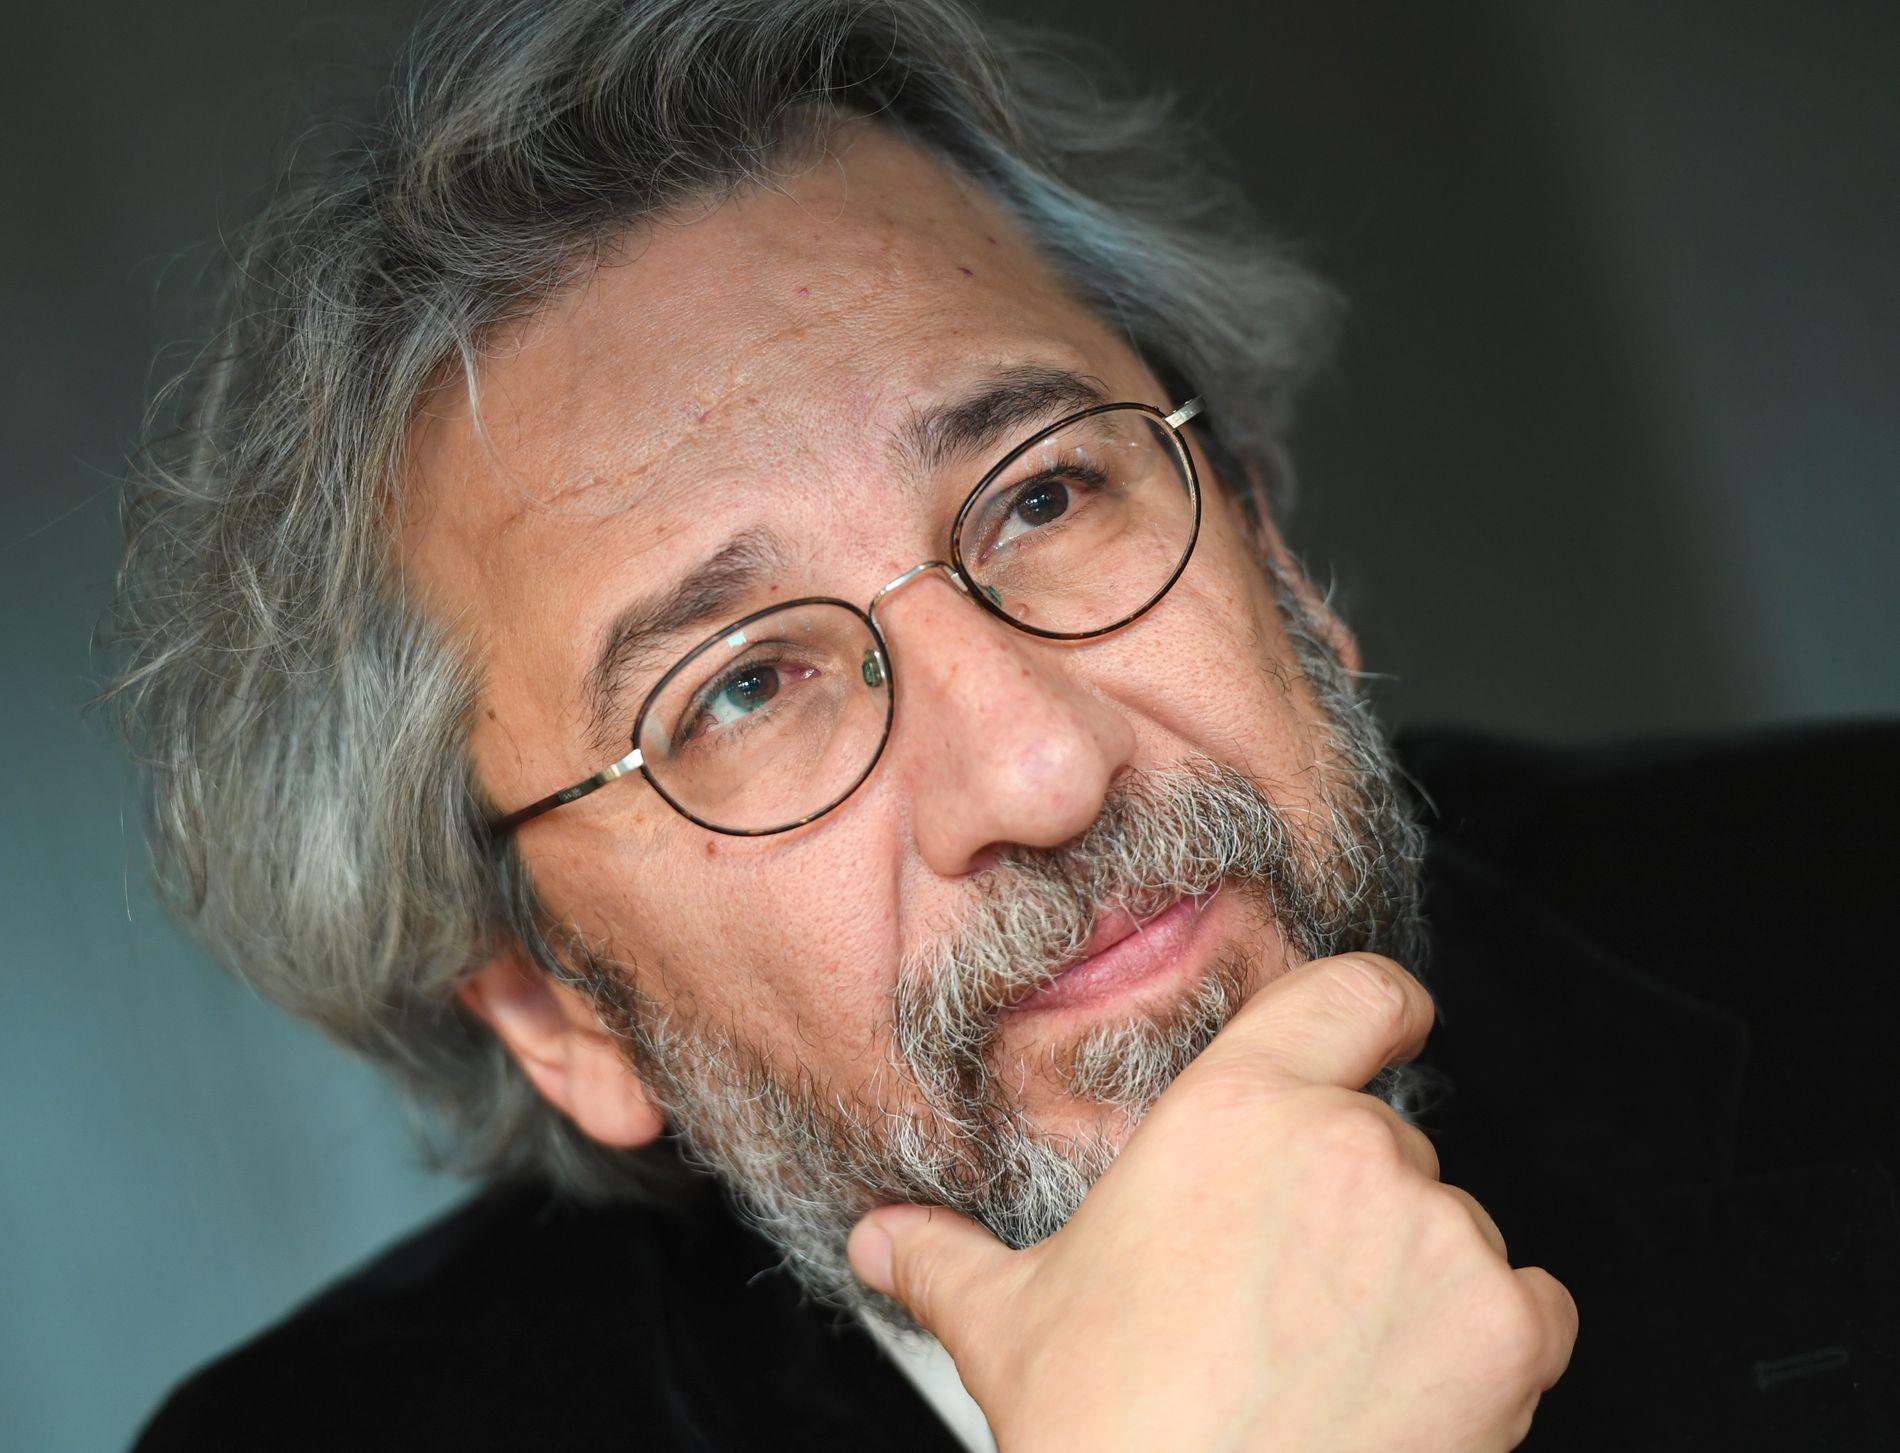 AKTUELL: Den tyrkiske Cumhuriyet-redaktøren i eksil, Can Dündar.